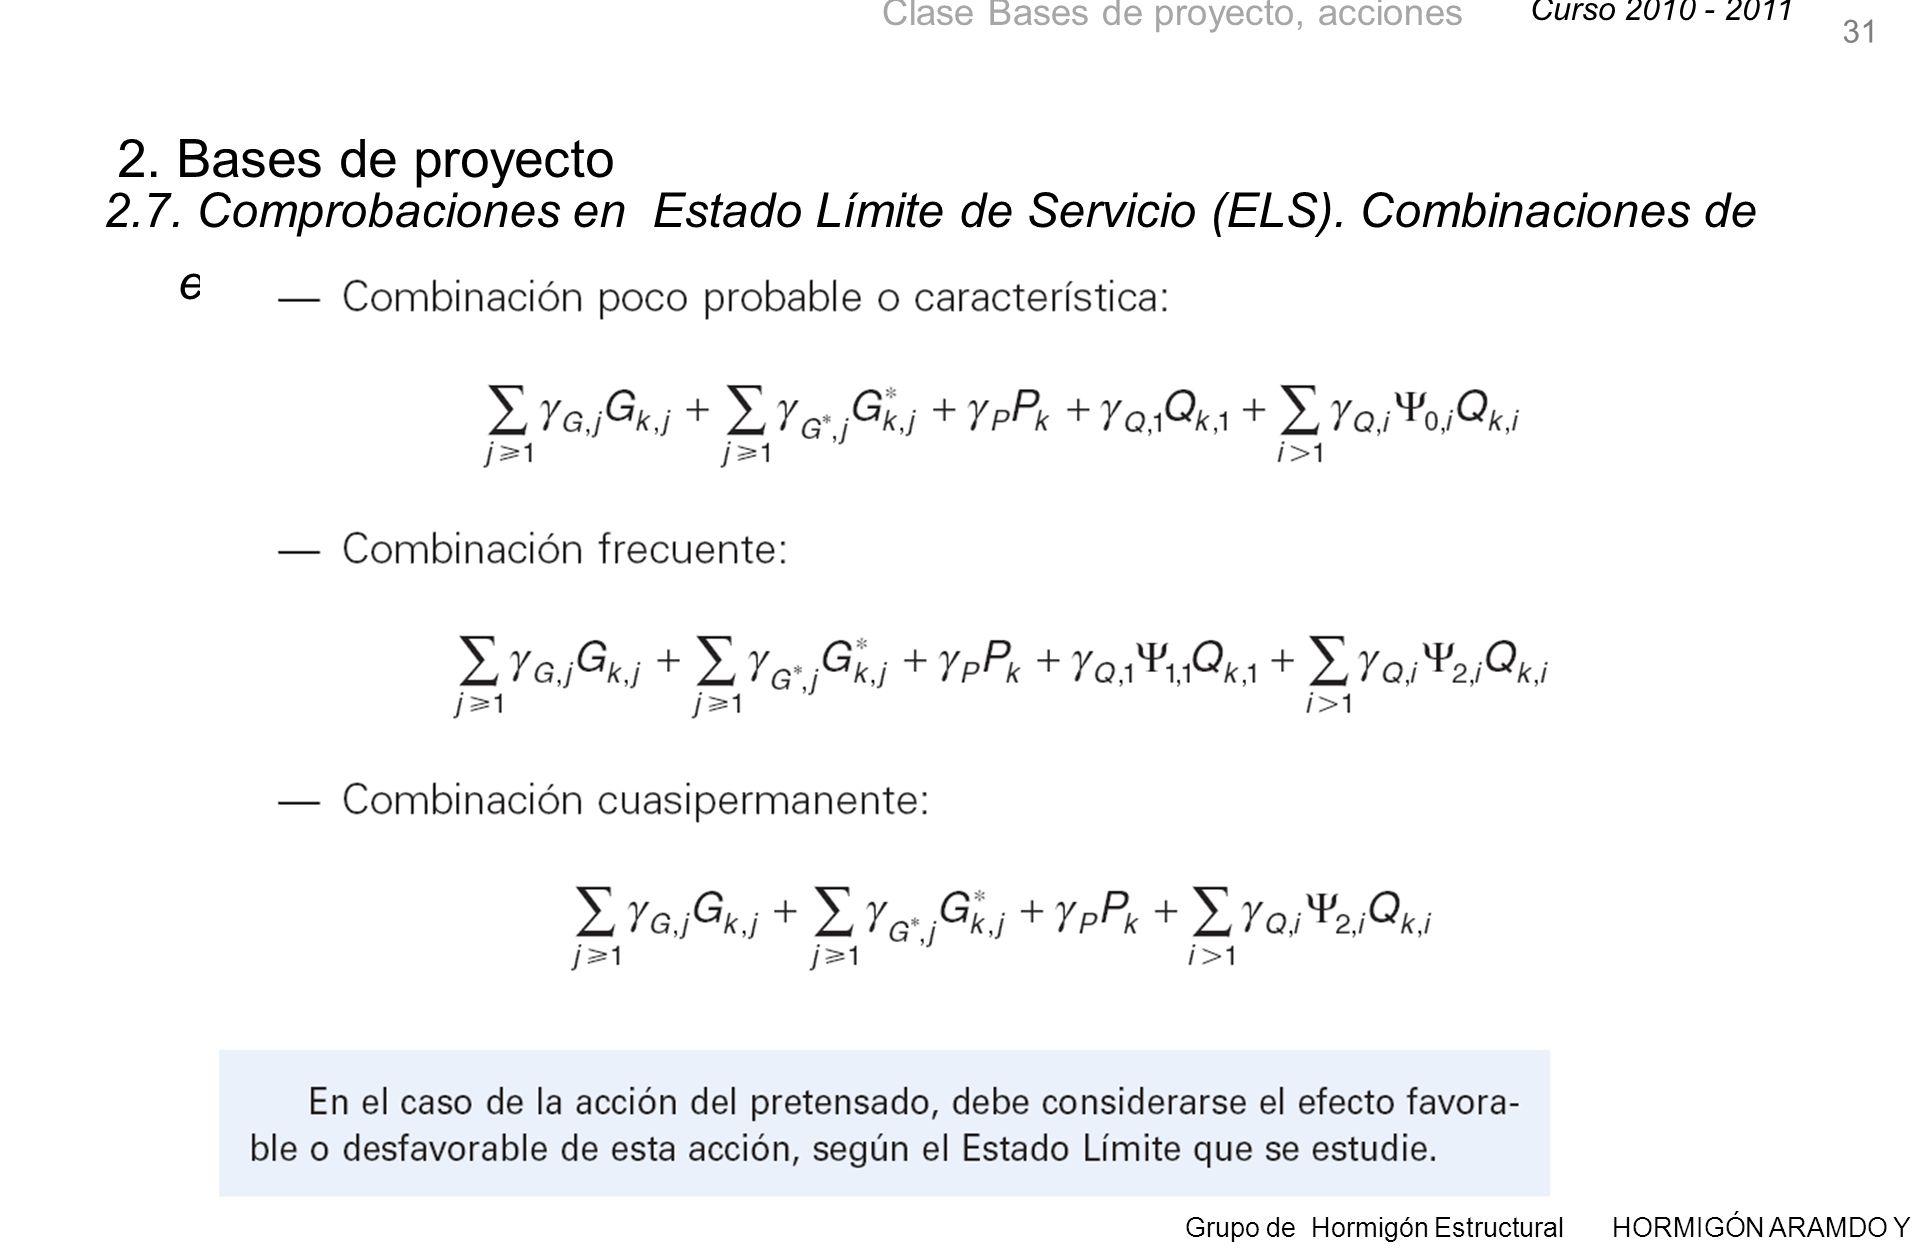 Curso 2010 - 2011 Grupo de Hormigón Estructural HORMIGÓN ARAMDO Y PRETENSADO II Clase Bases de proyecto, acciones 31 2.7.